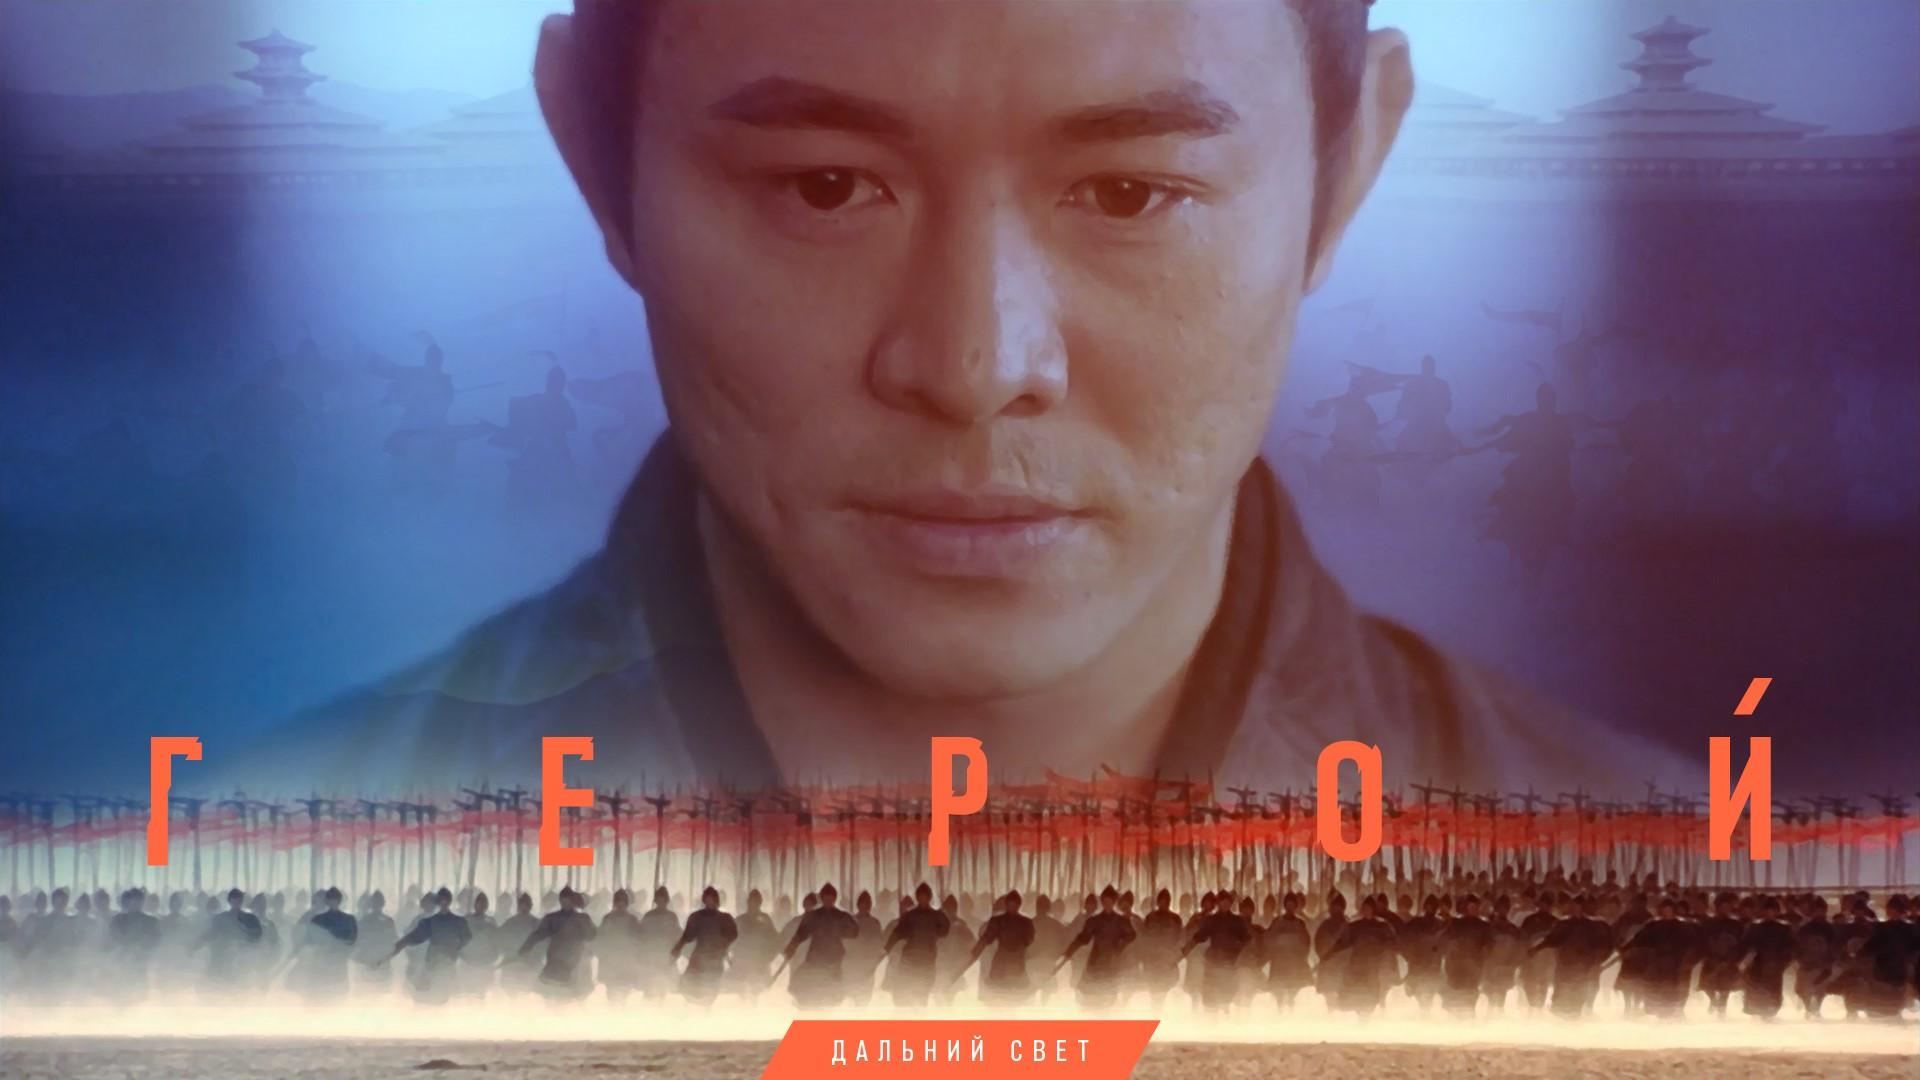 Преподаватели СПбГУ примут участие в обсуждении самого известного китайского фильма